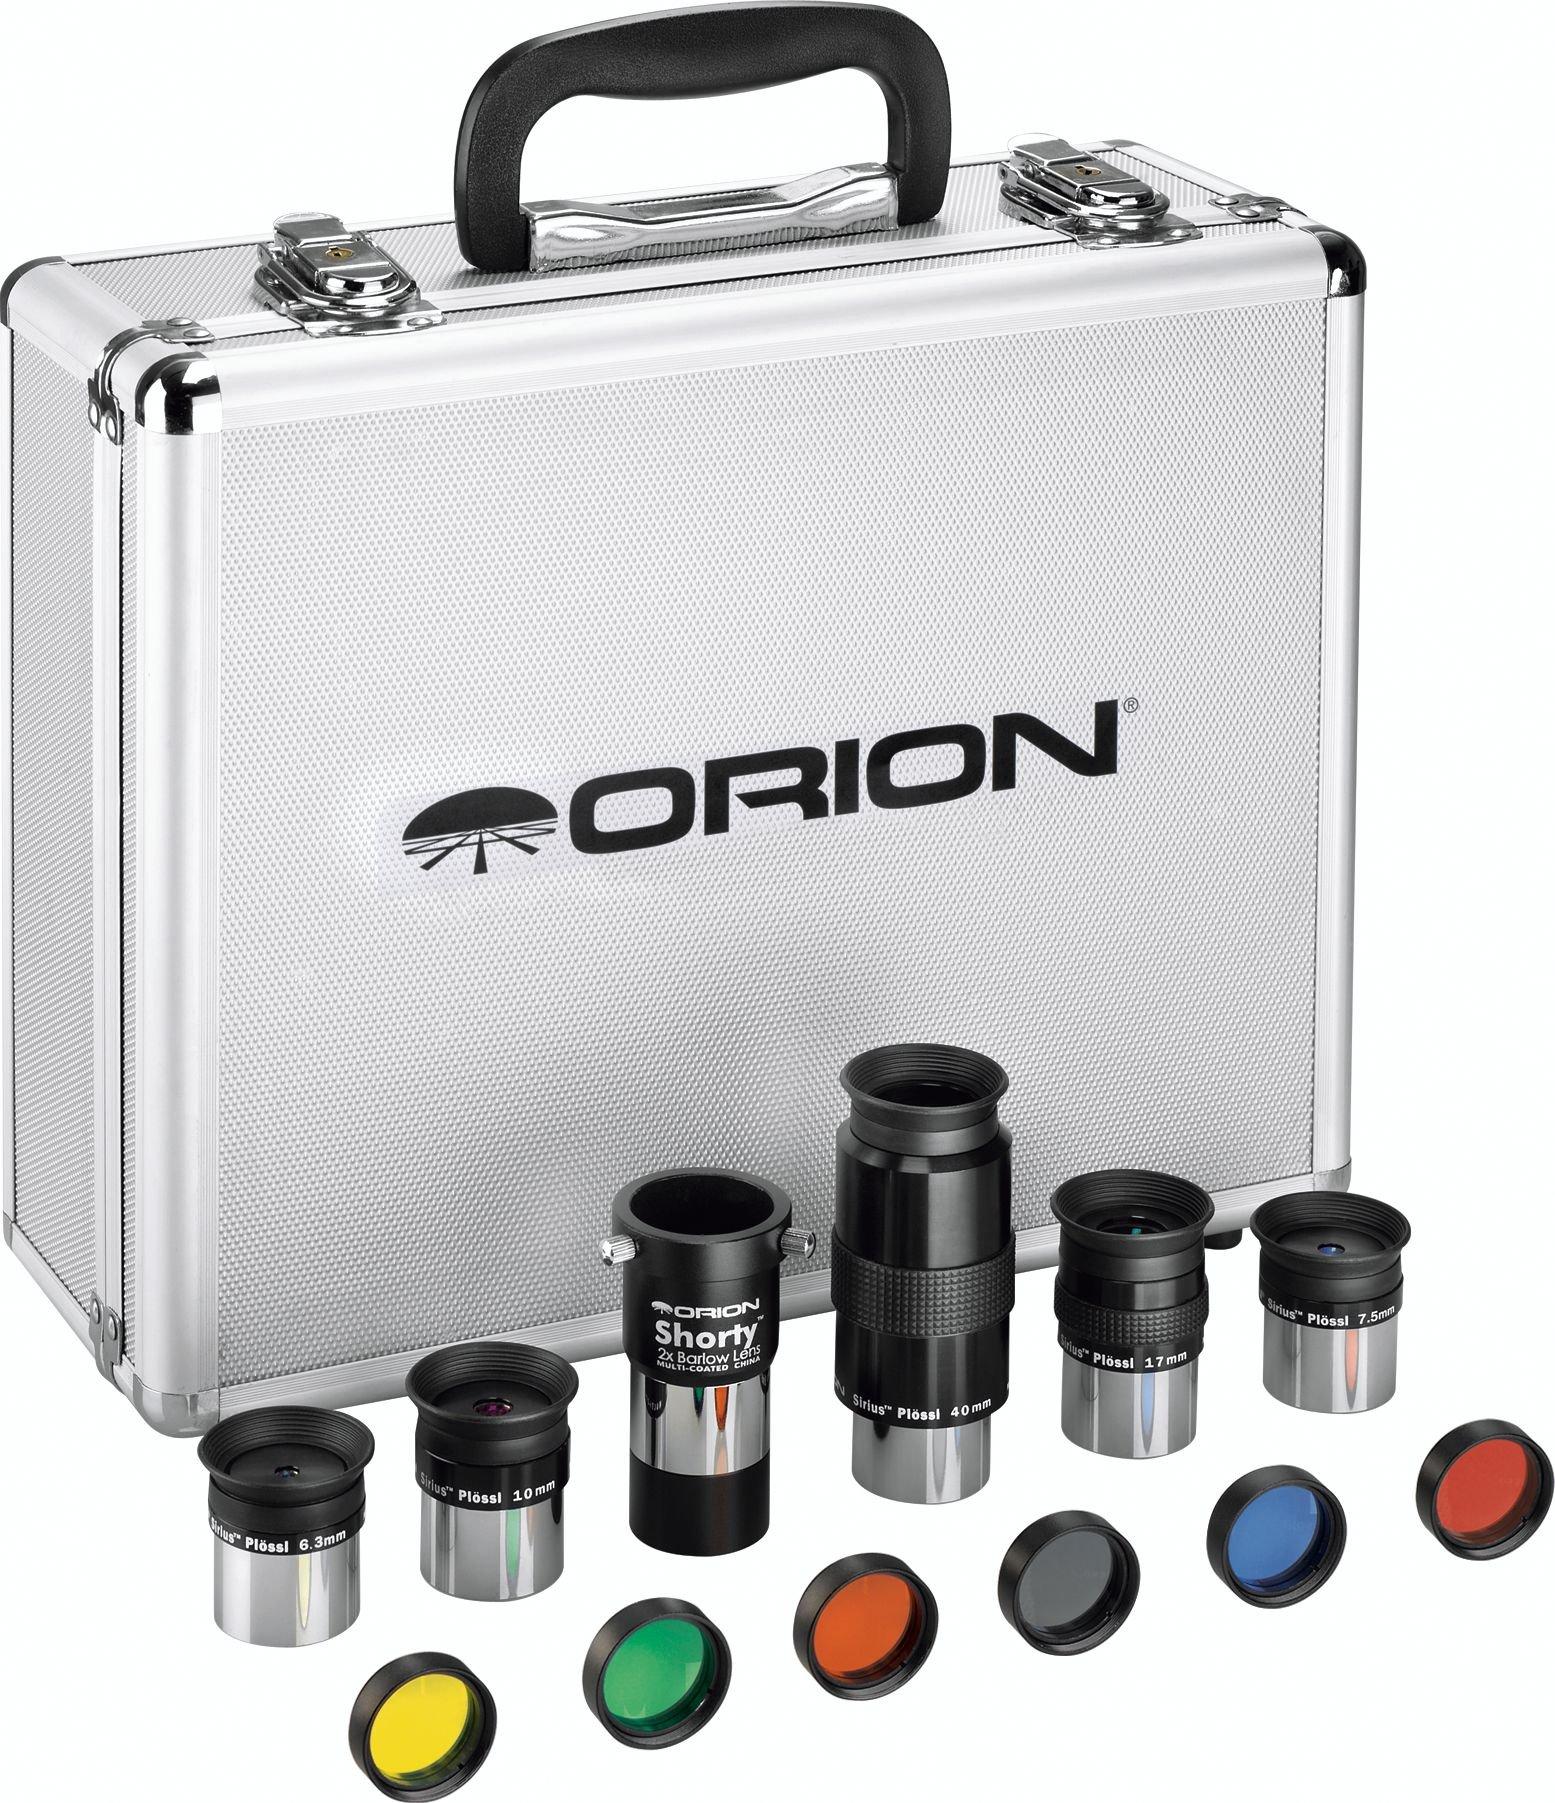 Orion 1 25 Inch Premium Telescope Accessory